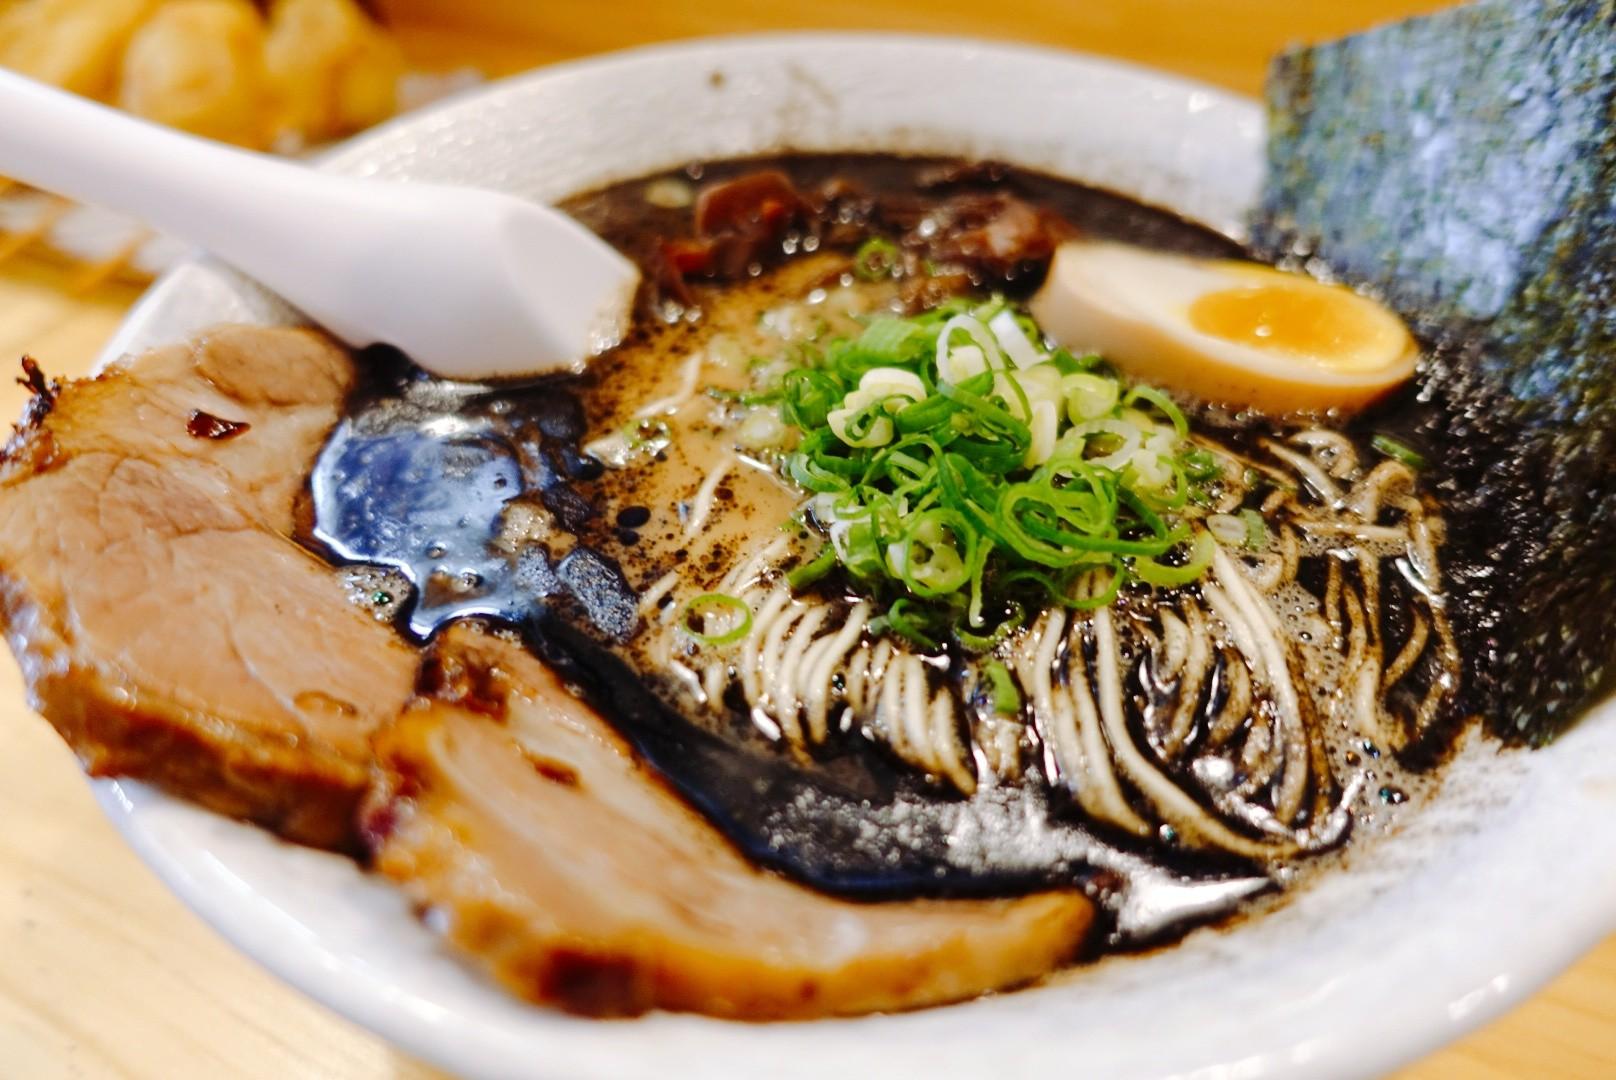 【花蓮市區】黑潮拉麵|全黑拉麵超特殊黑蒜湯頭與美味炸串